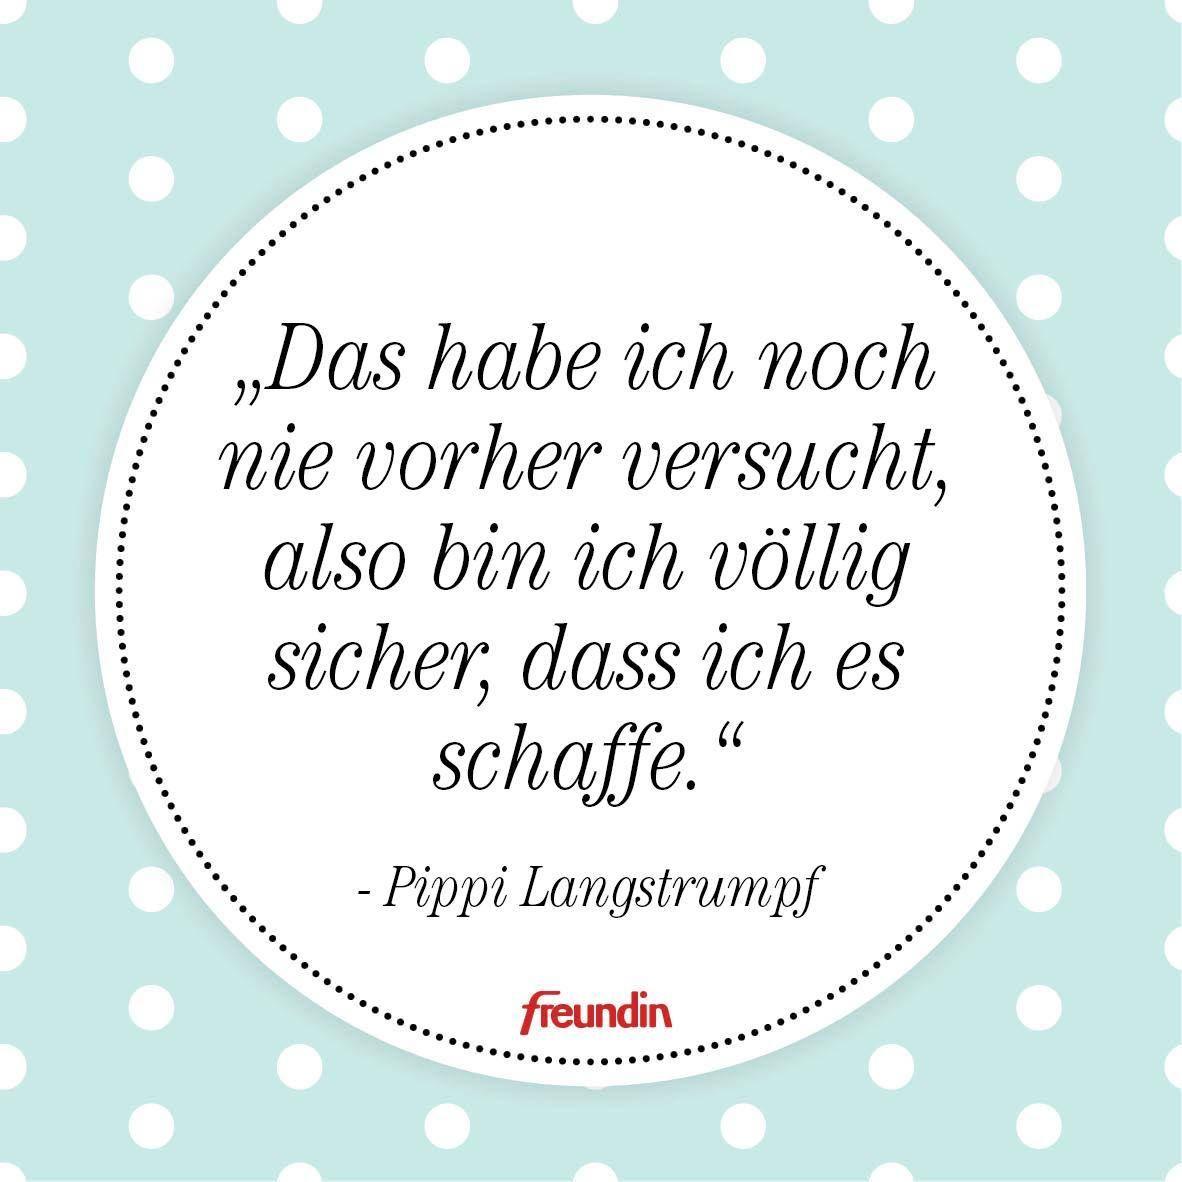 pippi langstrumpf sprüche Das schönste Zitat von Pippi Langstrumpf | Quotes/Words/Sprüche  pippi langstrumpf sprüche